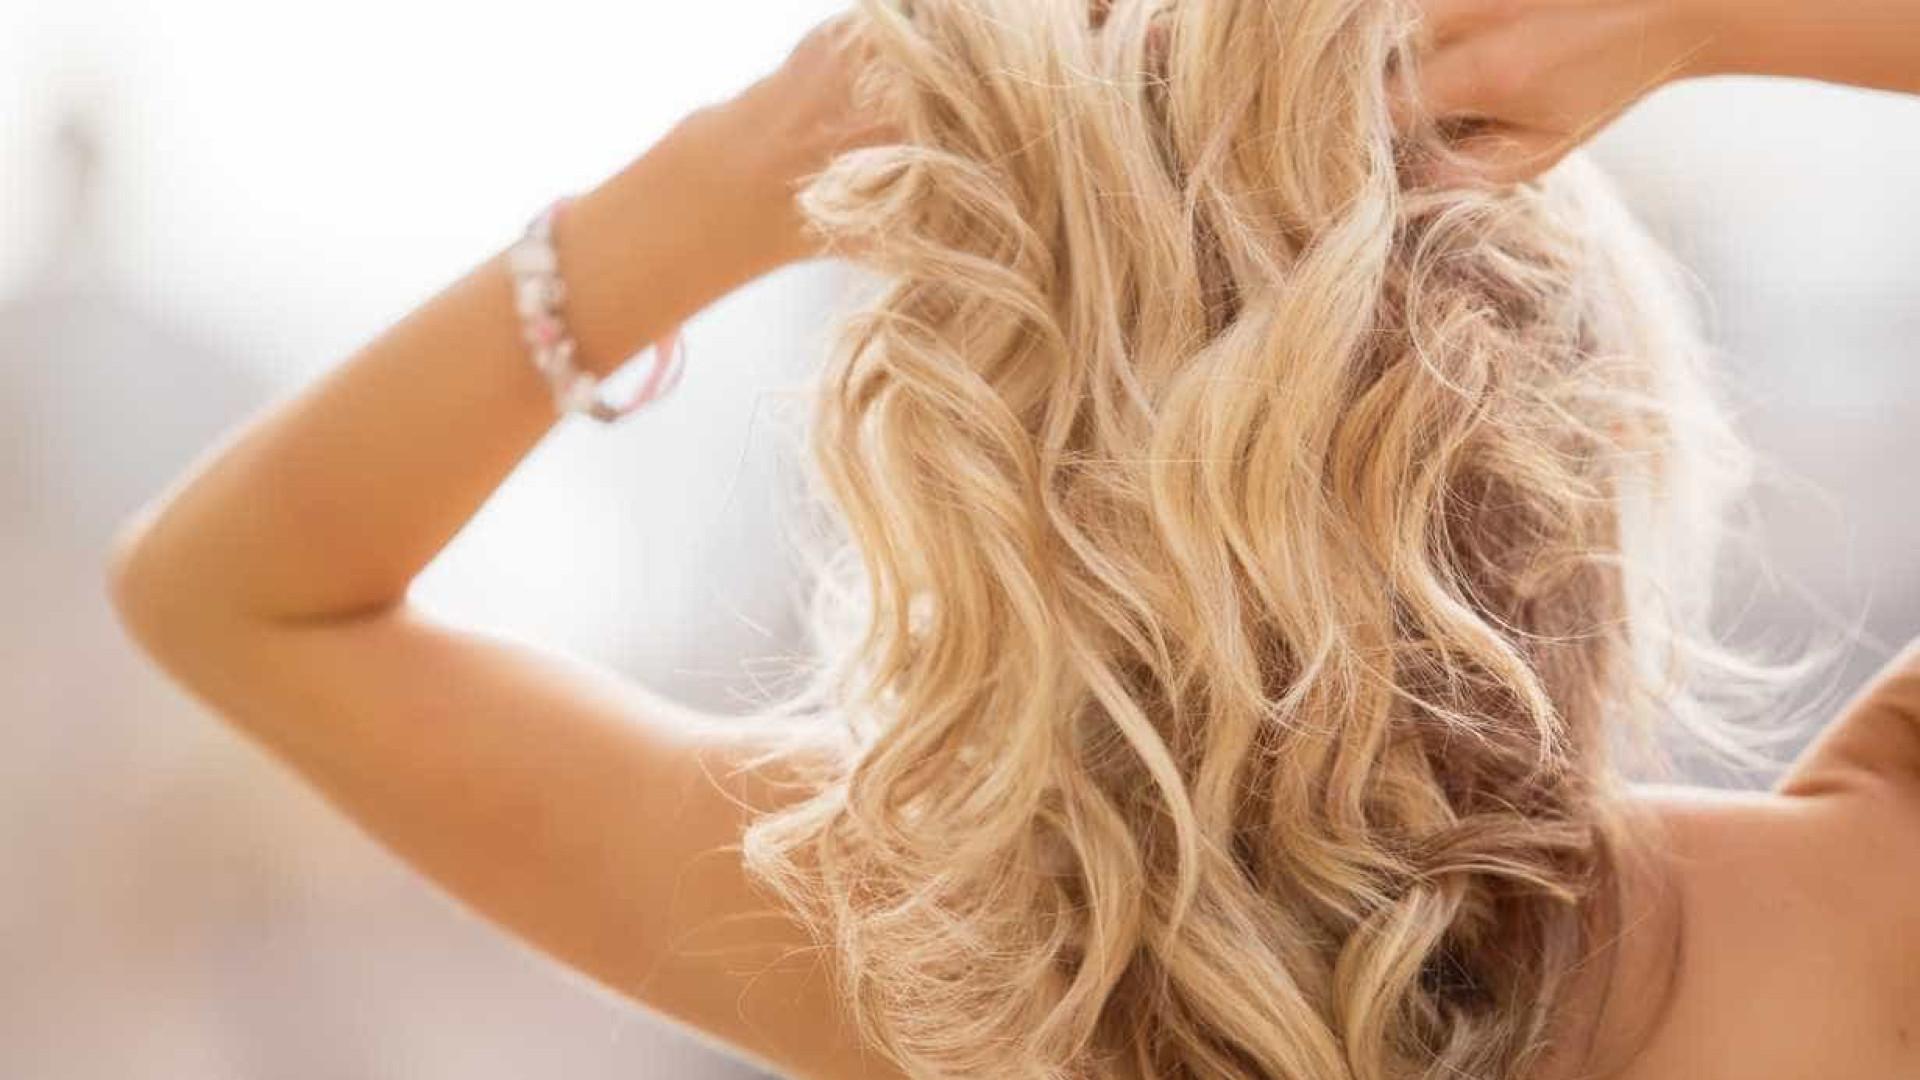 Oito coisas que quem tem cabelo loiro deve saber